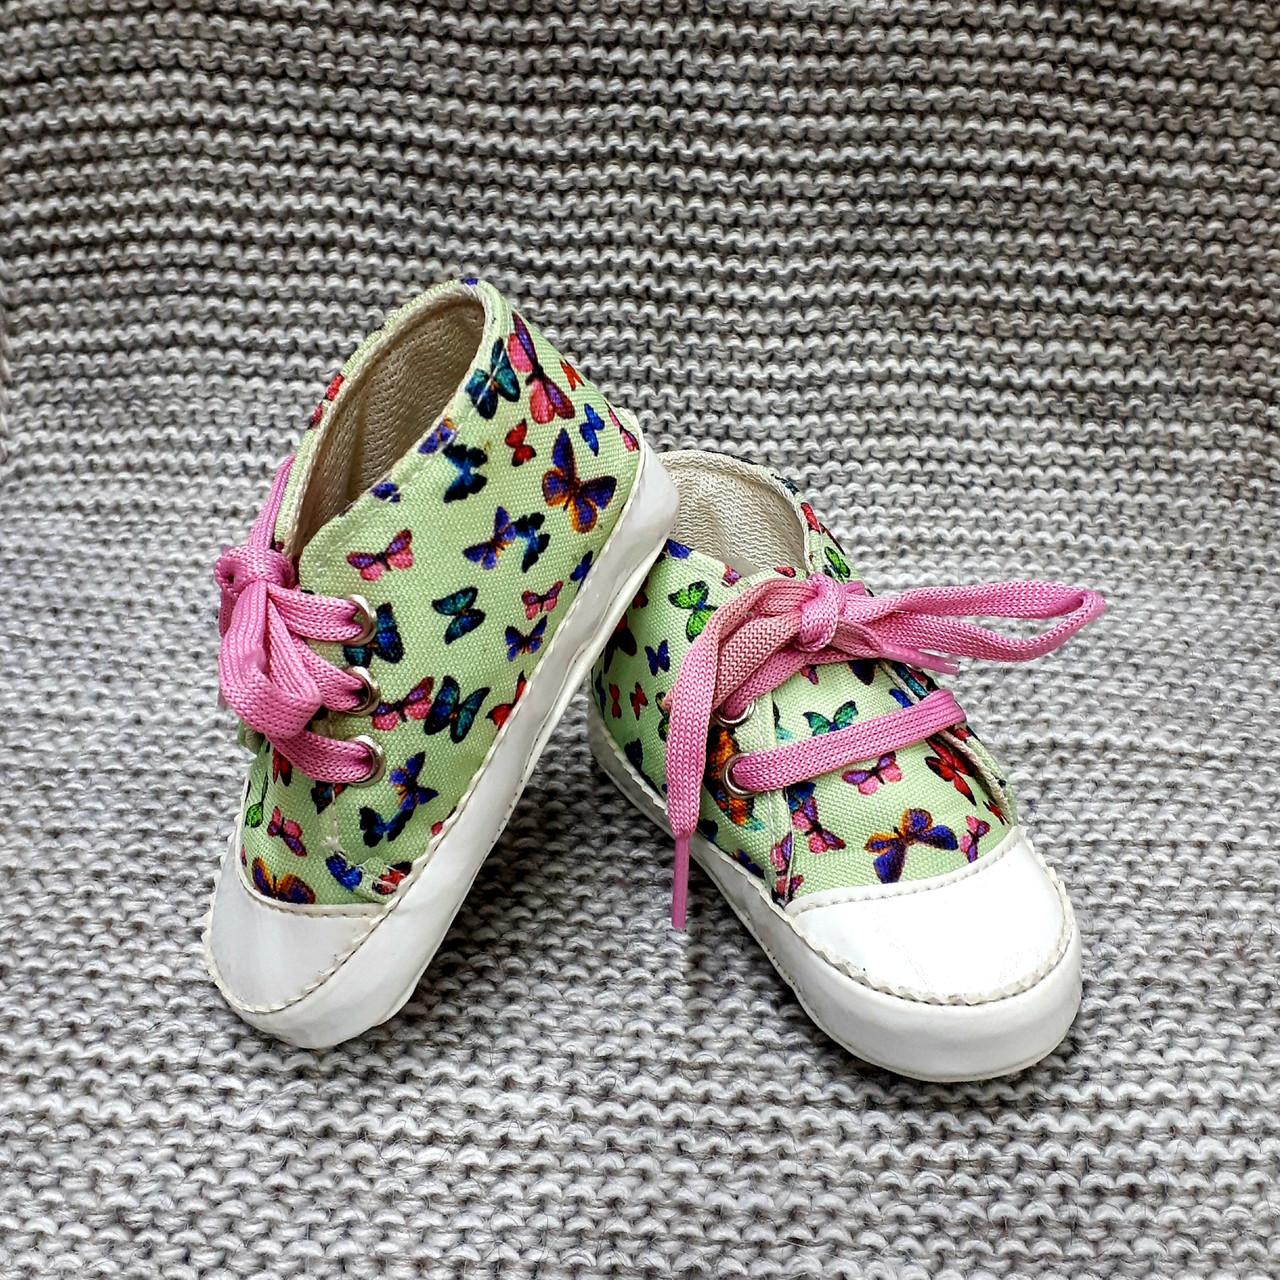 Детские пинетки для девочки мятного цвета Pamily (Турция)  размер 8 10 12  месяца